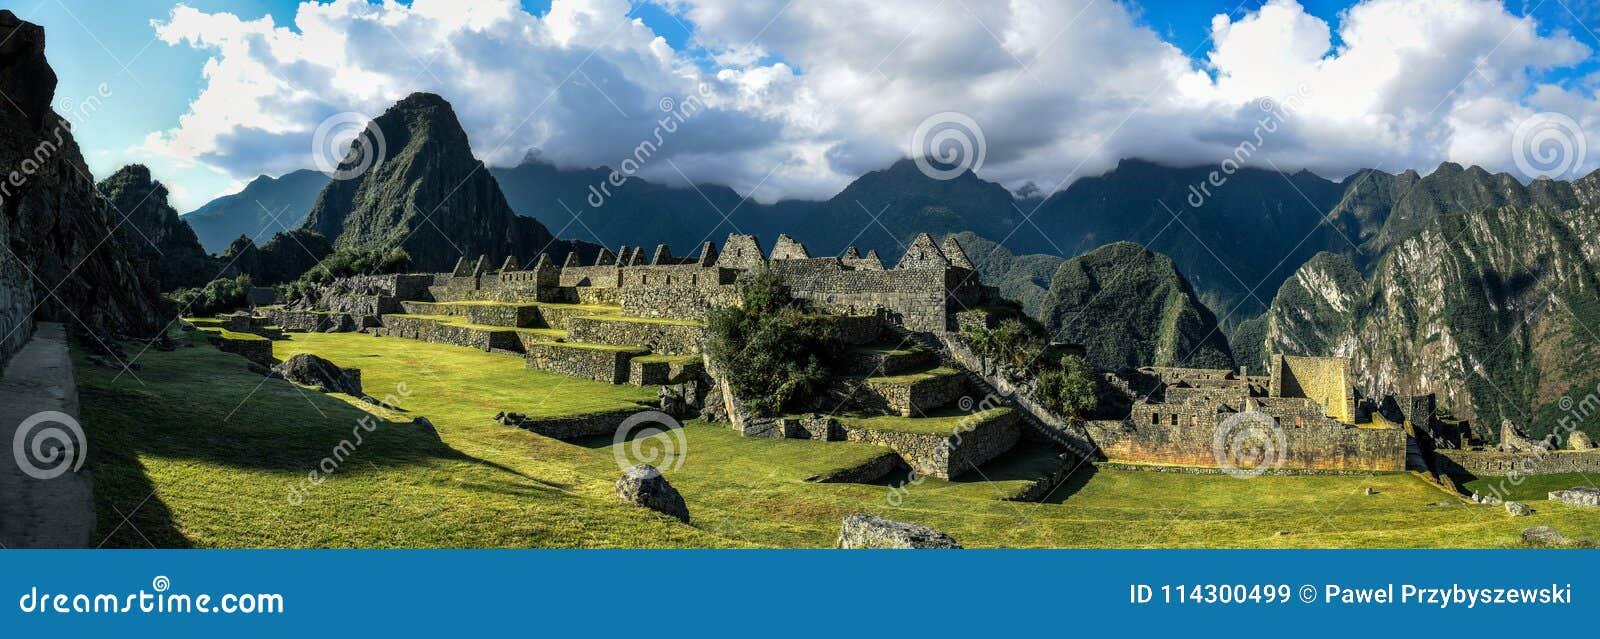 Machu Picchu Perù - vista panoramica su una montagna